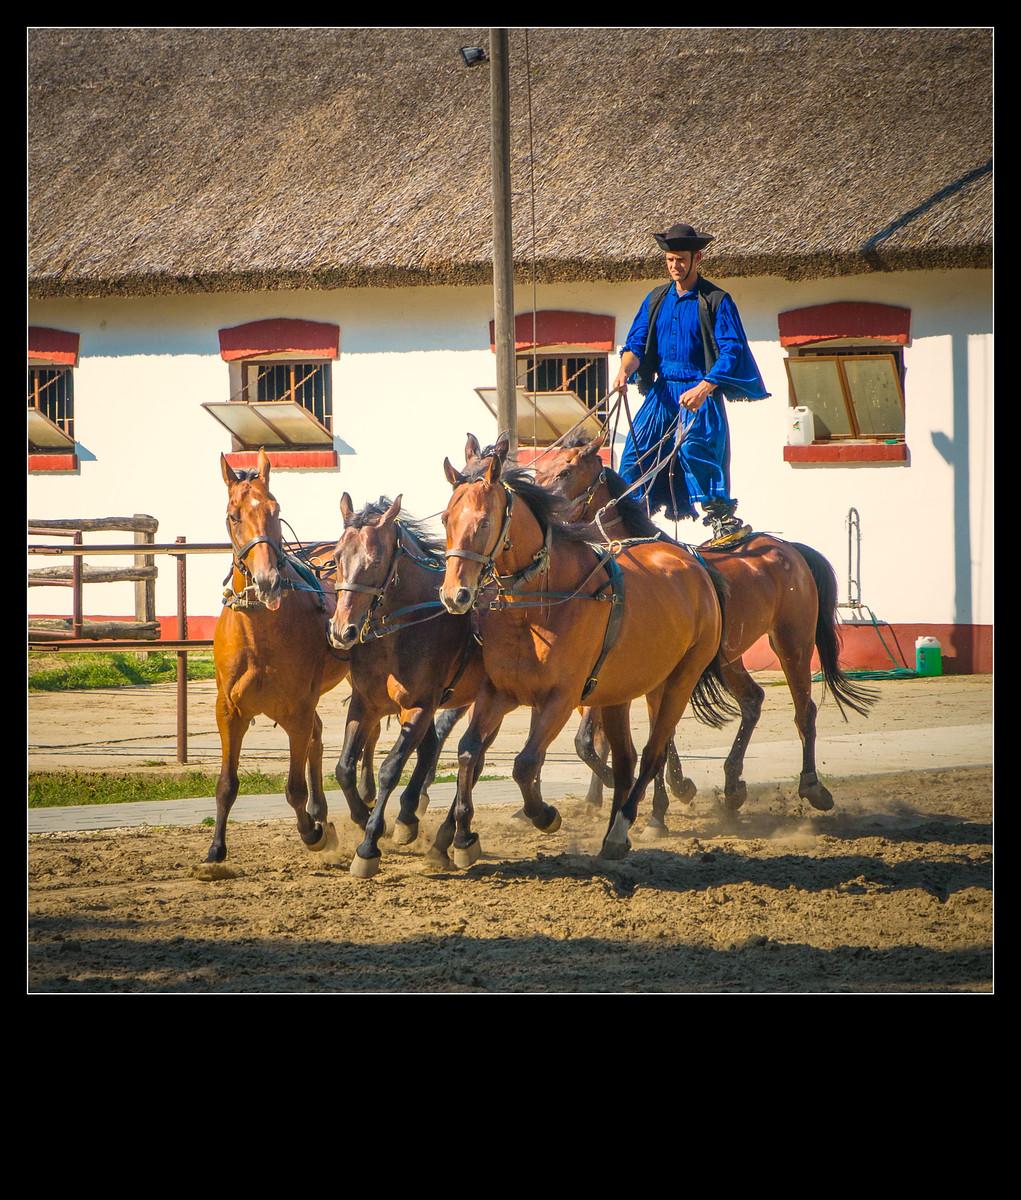 那些匈牙利牧场的人和事_图1-6